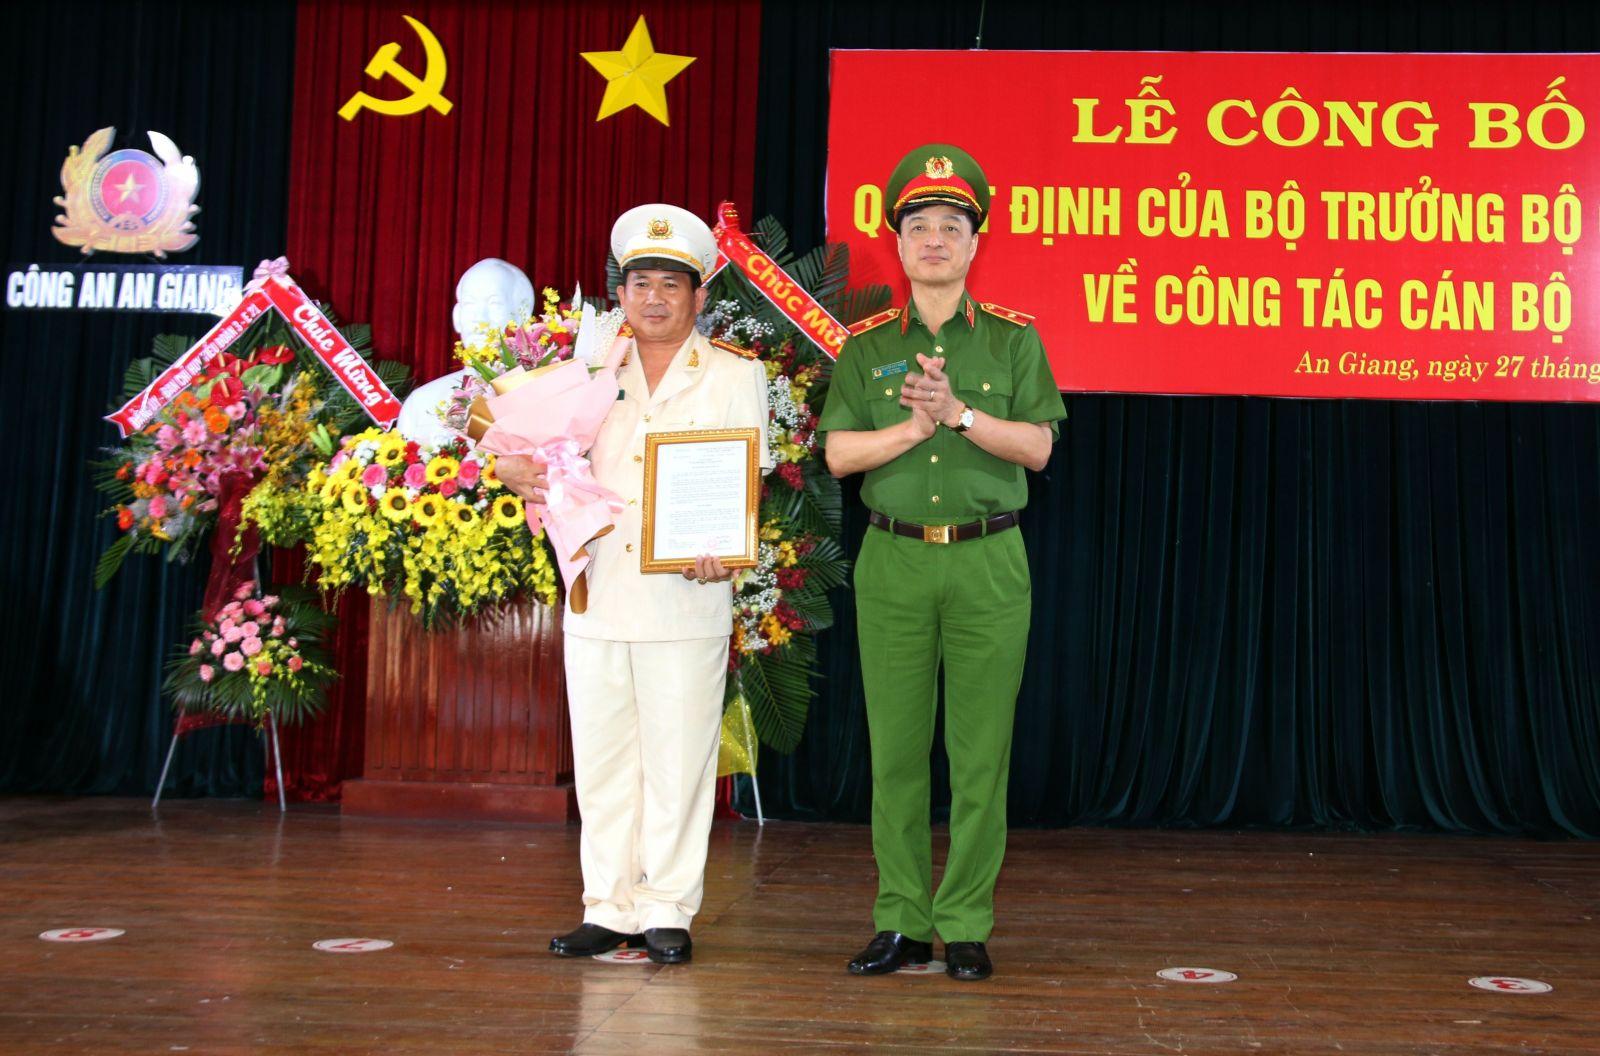 Đại tá Đinh Văn Nơi giữ chức Giám đốc Công an tỉnh An Giang